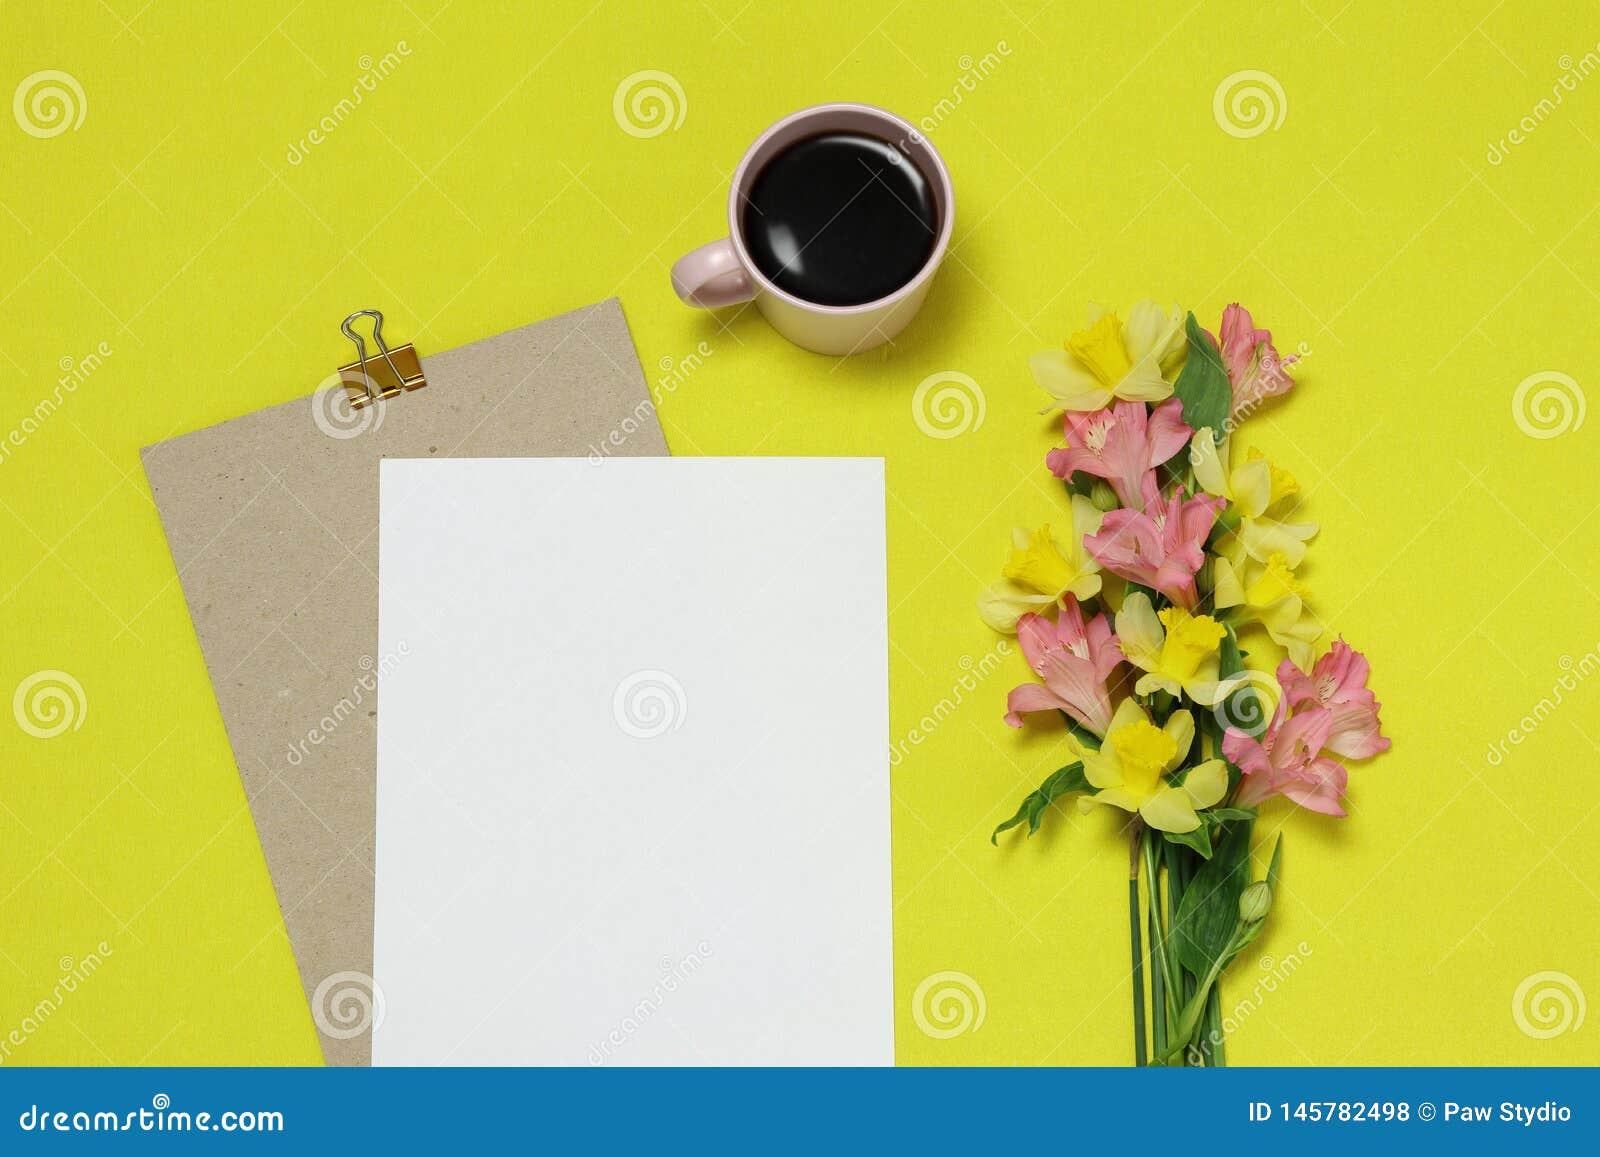 Quadro do papel do modelo no fundo amarelo com flores, xícara de café